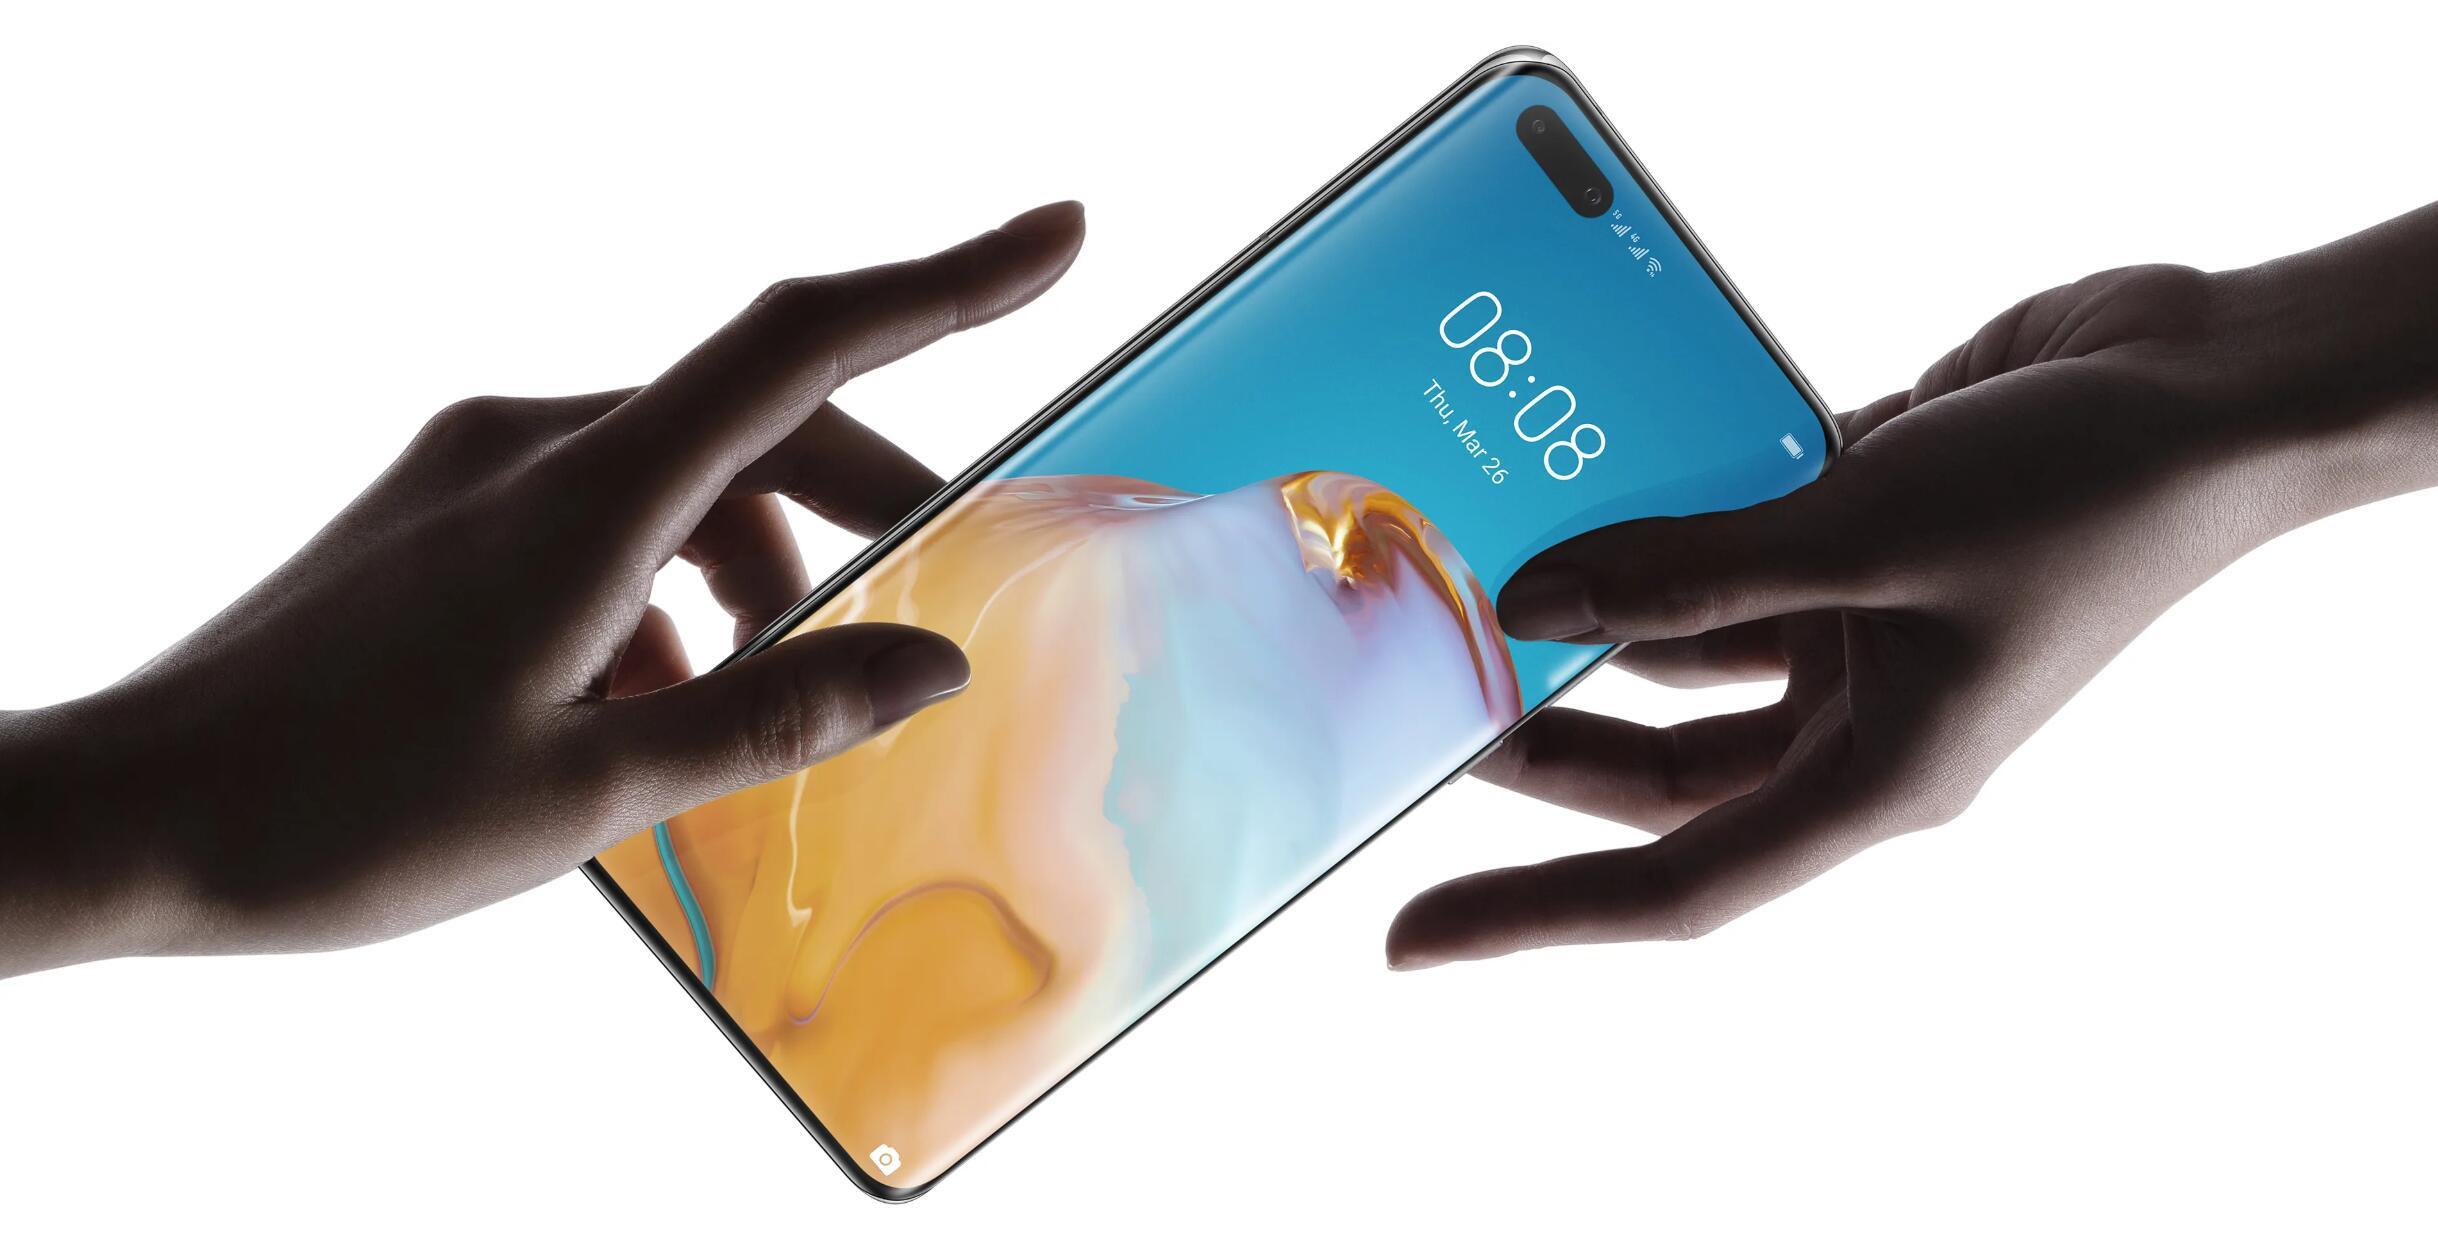 Huawei-P40-Pro-03.jpg